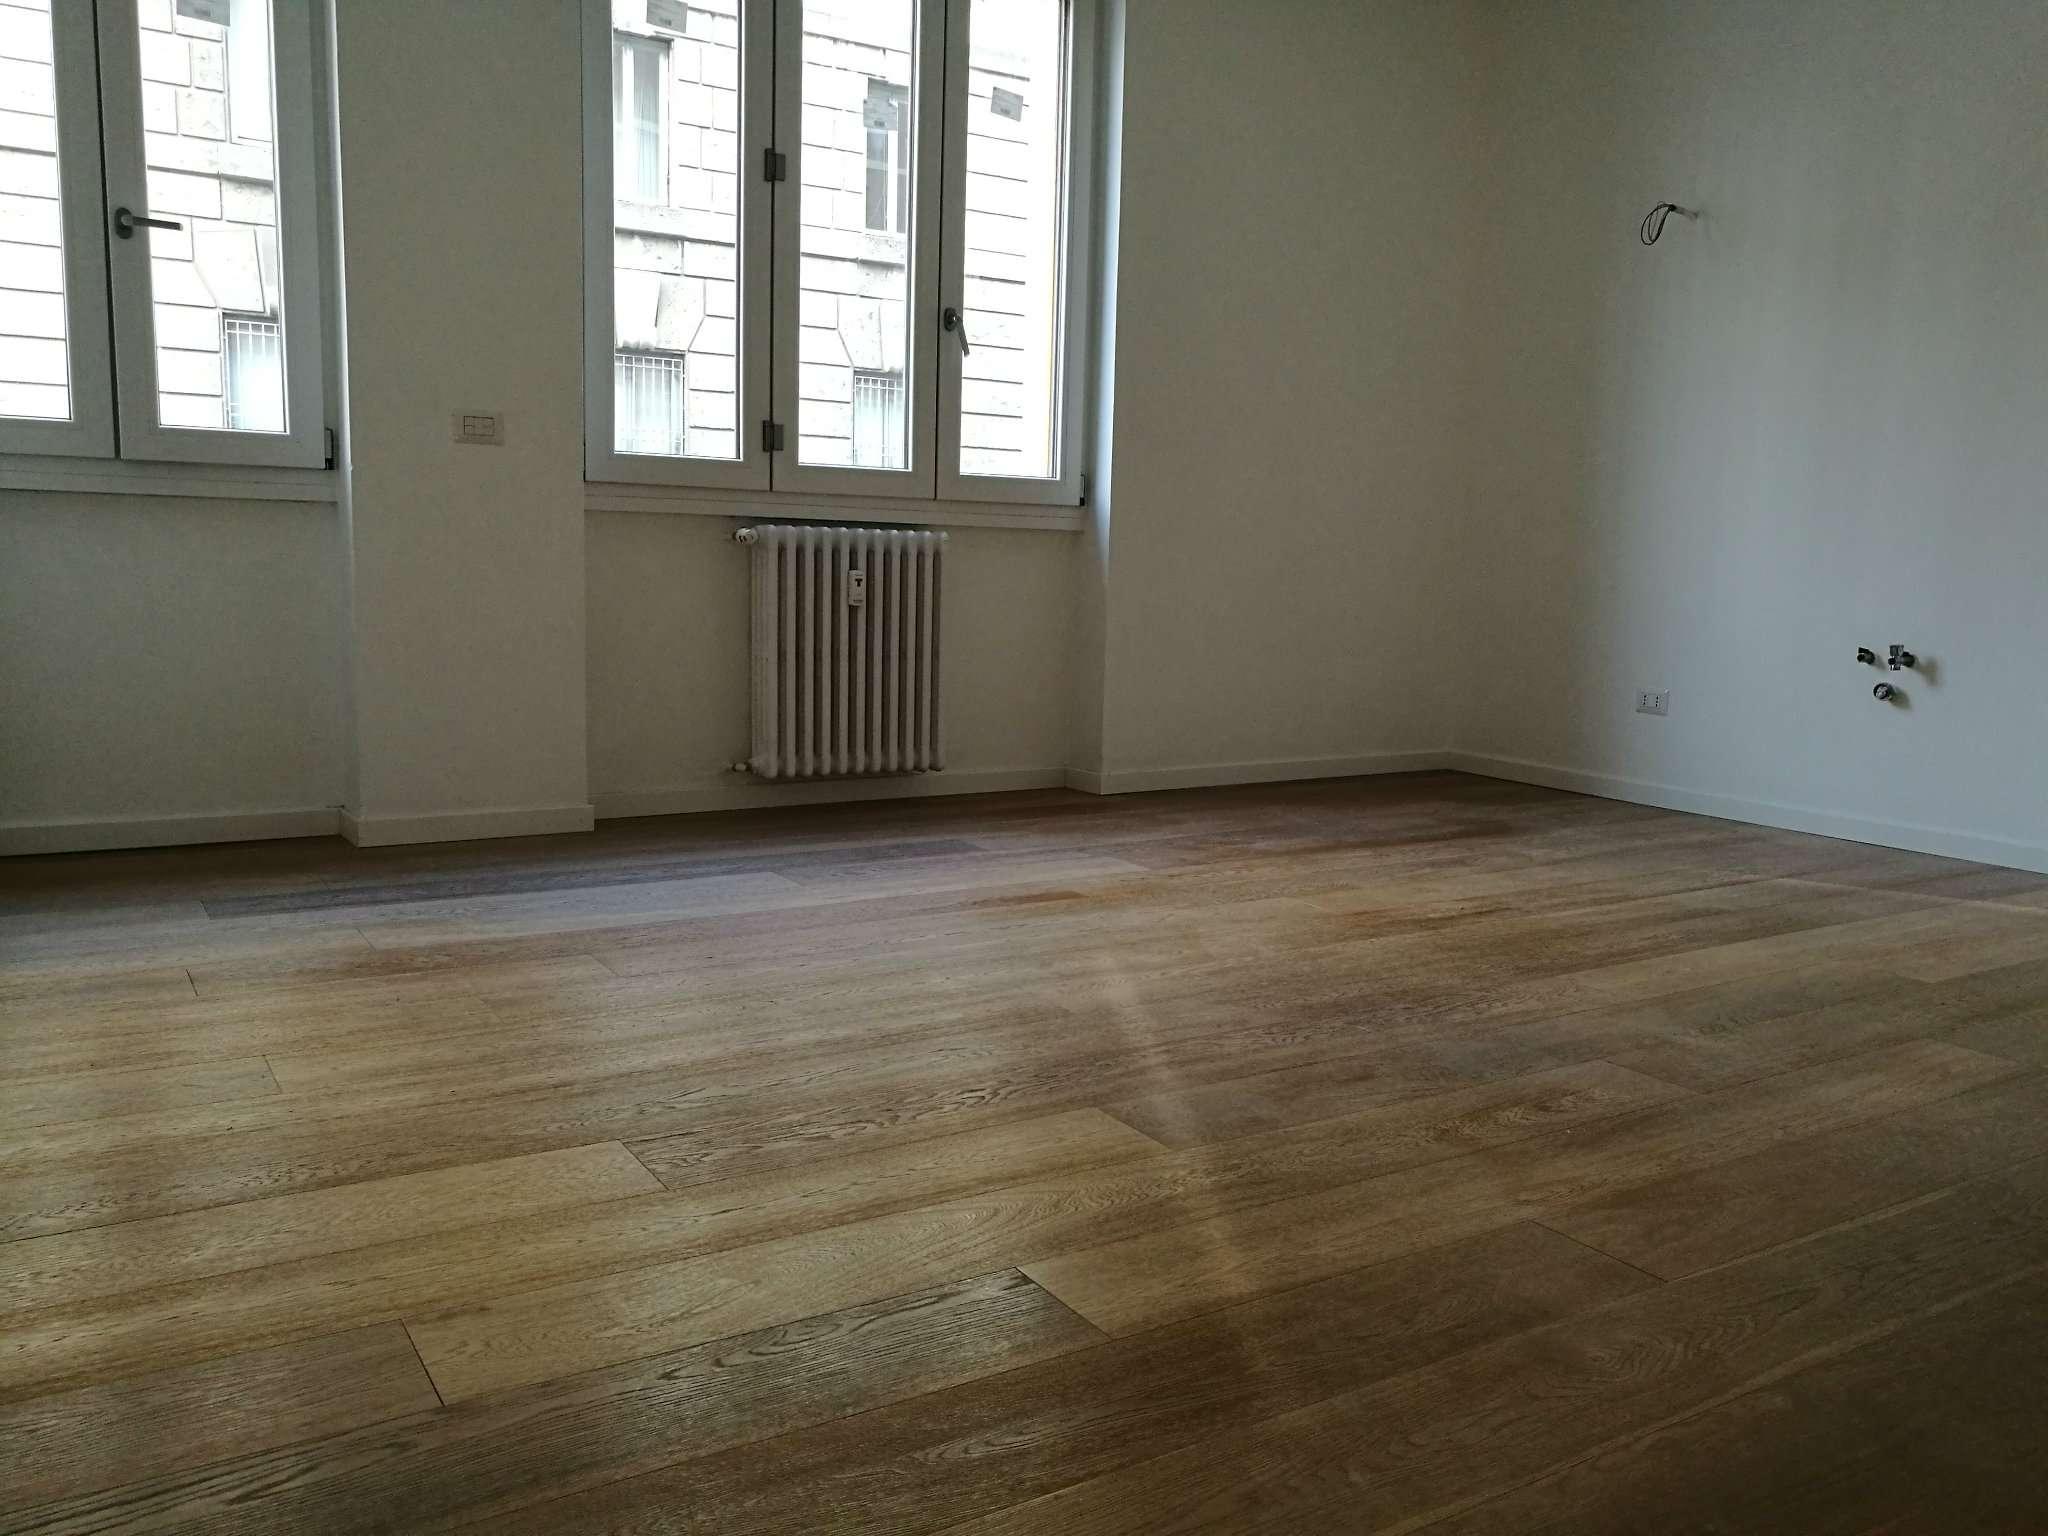 Appartamento in vendita a Milano, 2 locali, zona Zona: 15 . Fiera, Firenze, Sempione, Pagano, Amendola, Paolo Sarpi, Arena, prezzo € 255.000 | Cambio Casa.it